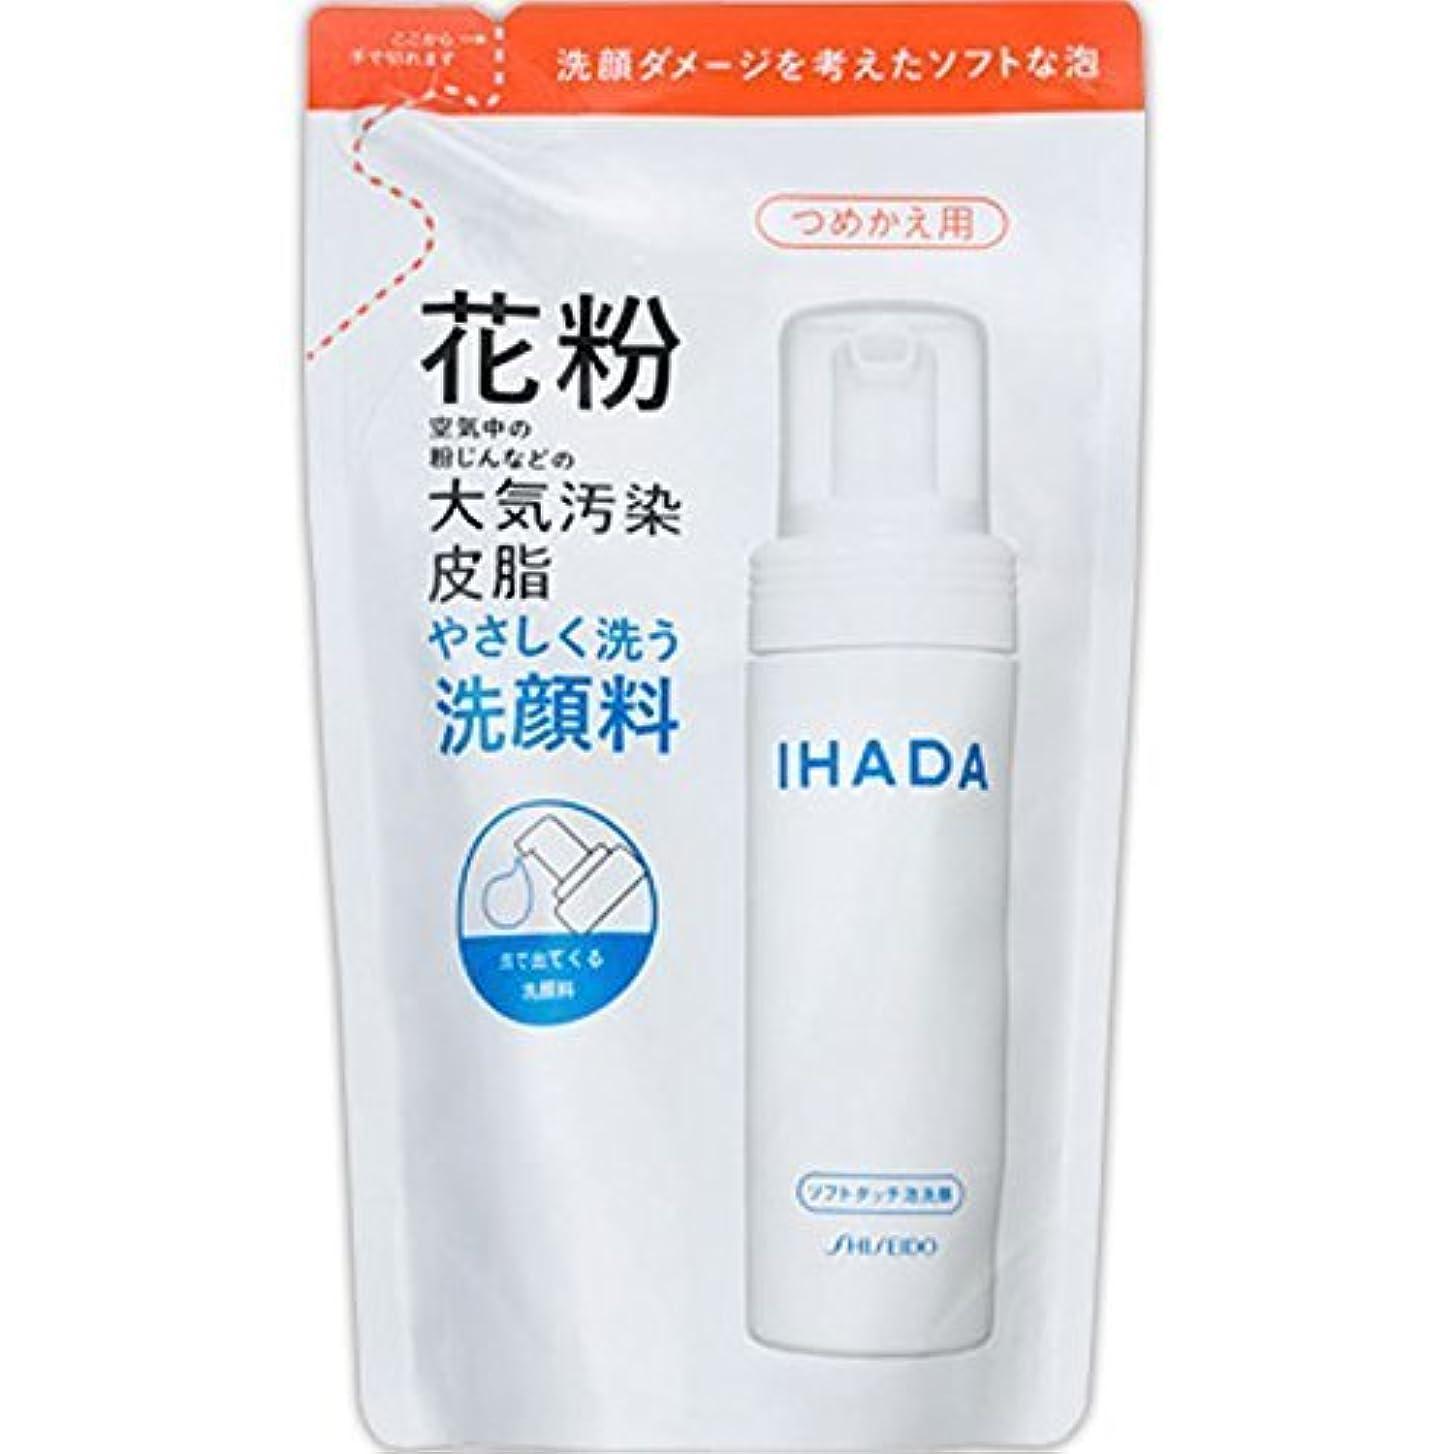 甘美な産地ライトニングイハダ ソフトタッチ 洗顔料 つめかえ用 100ml